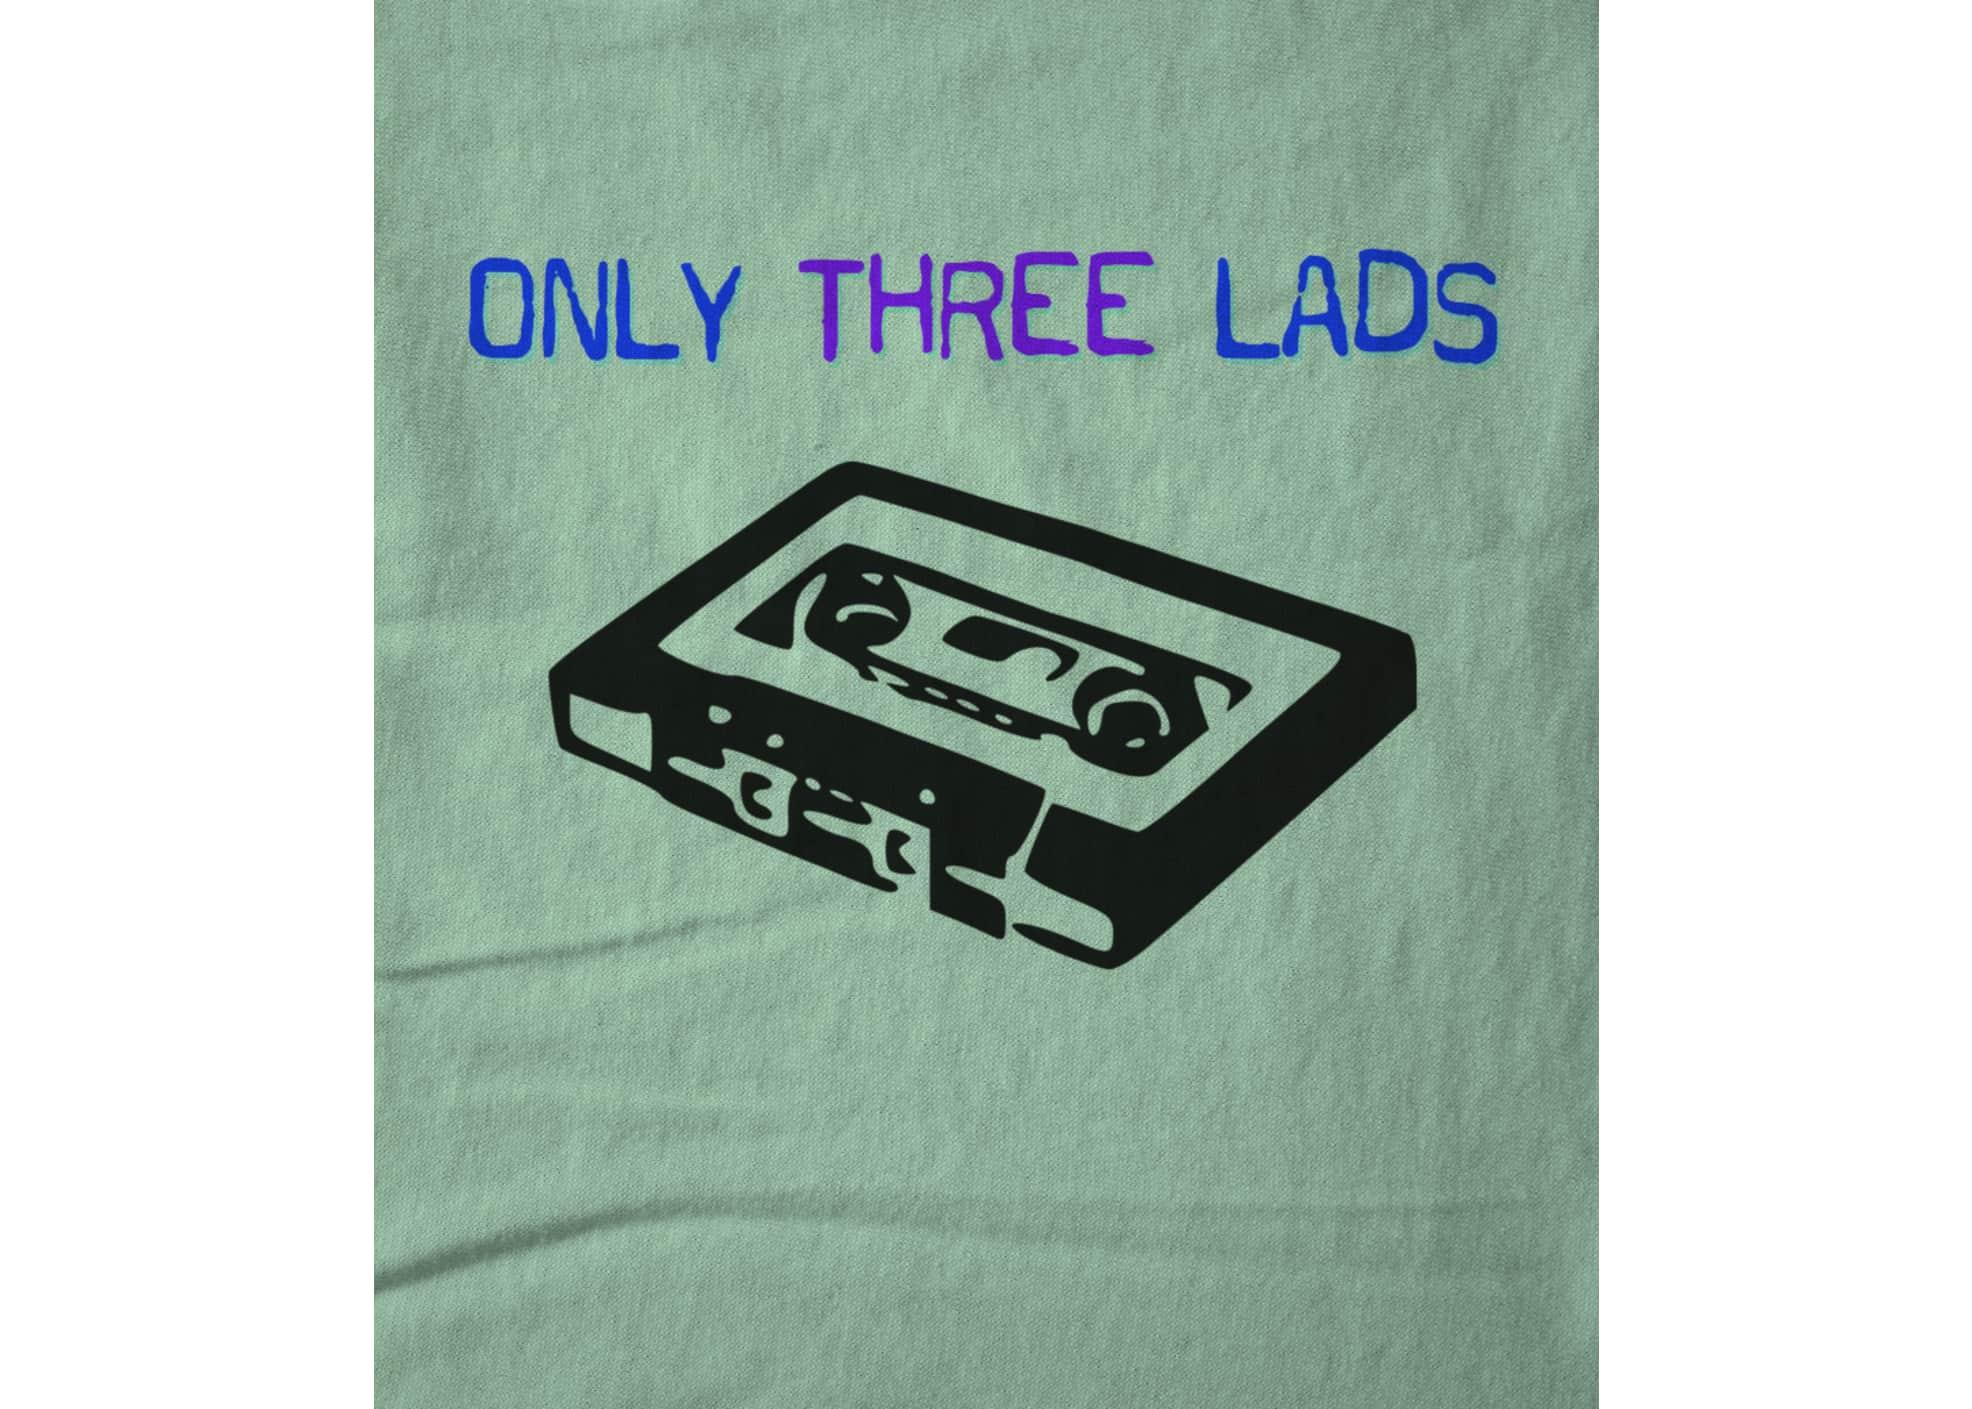 Only three lads o3l   tape  mint  1579511125